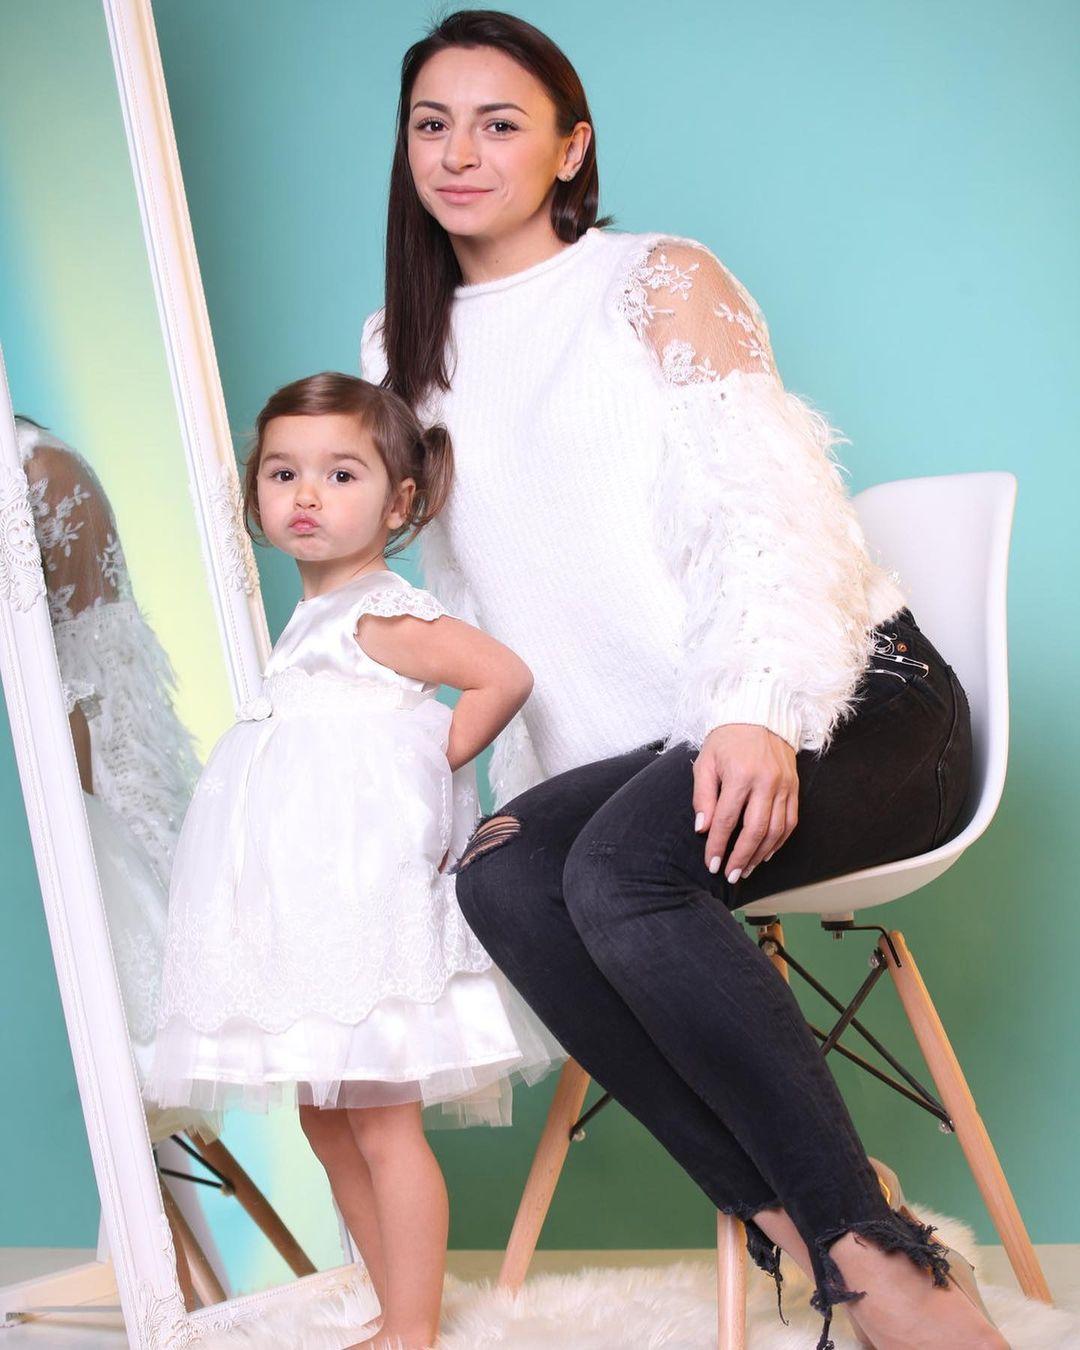 Что делать с ребенком утром 1 января: любящая мама Илона Гвоздева дала отличный совет